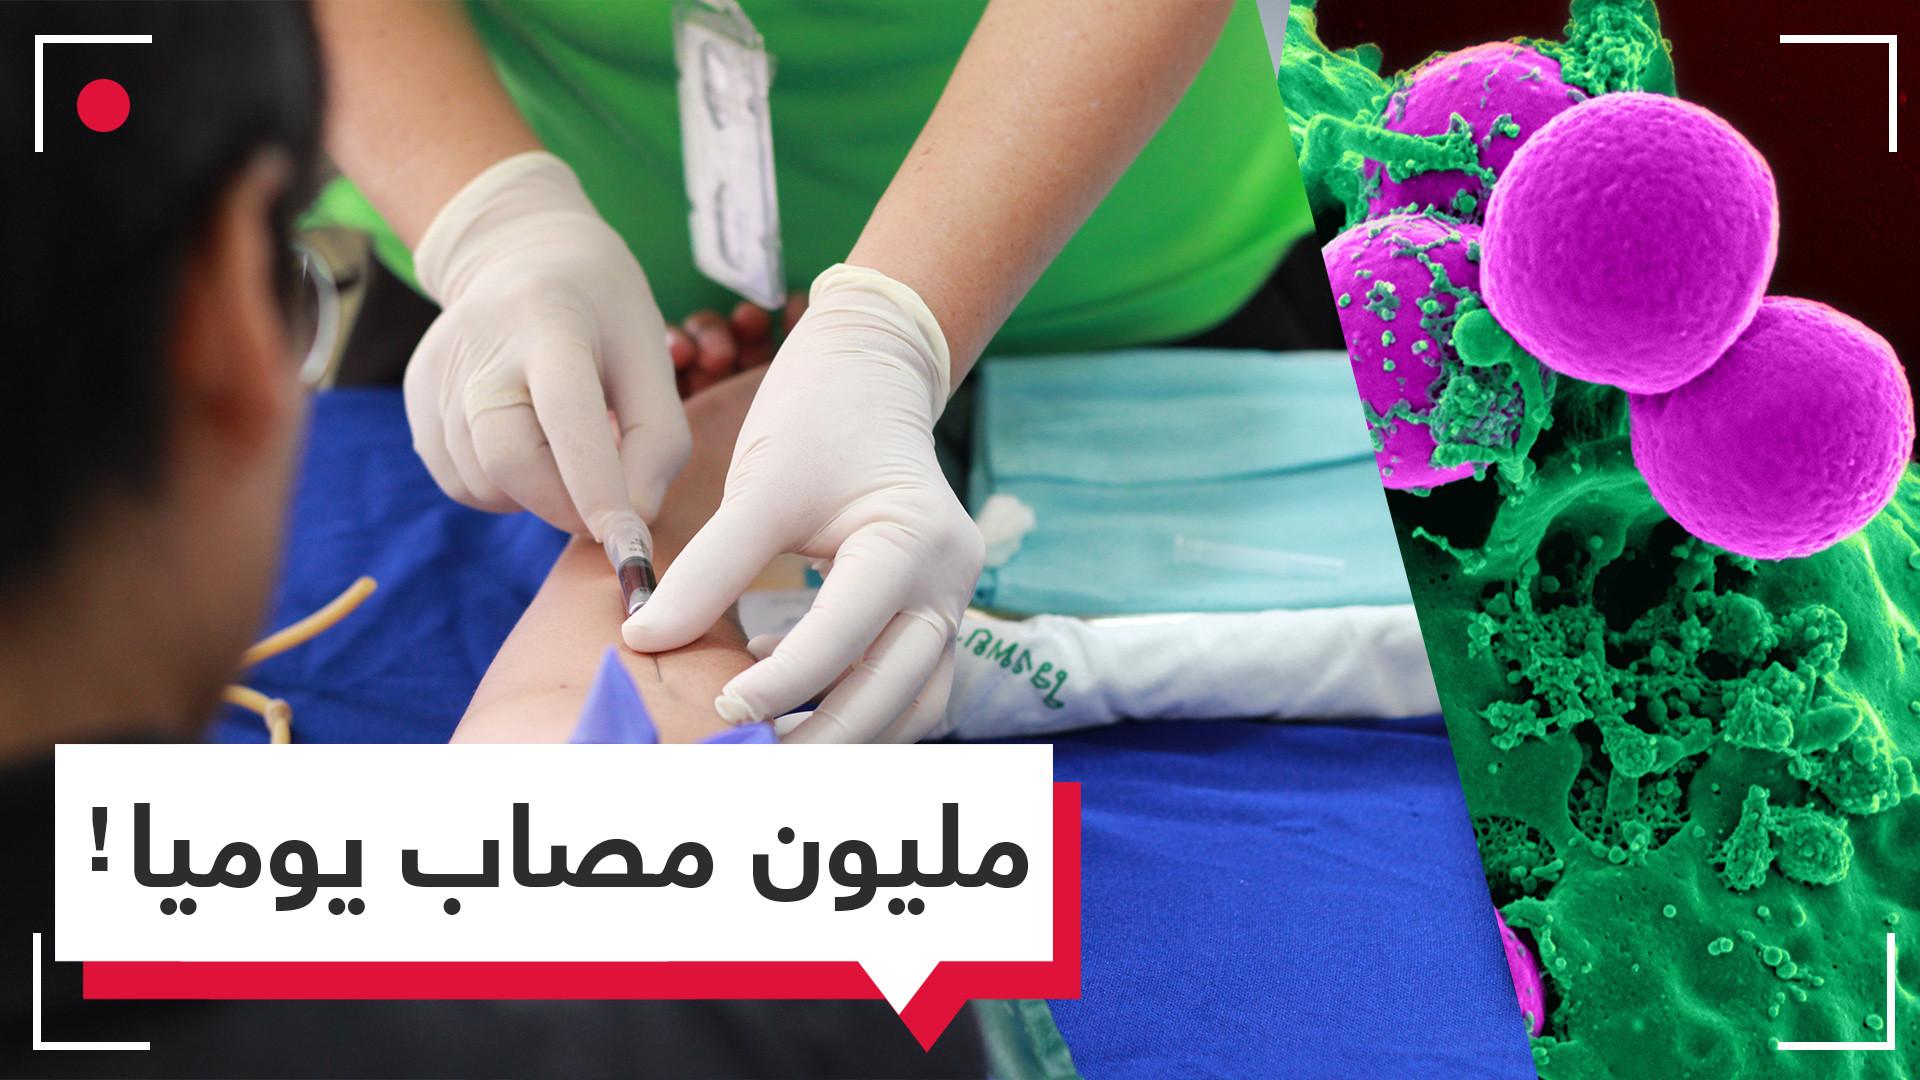 الصحة العالمية:  أمراض منقولة جنسيا تصيب مليون شخص يوميا